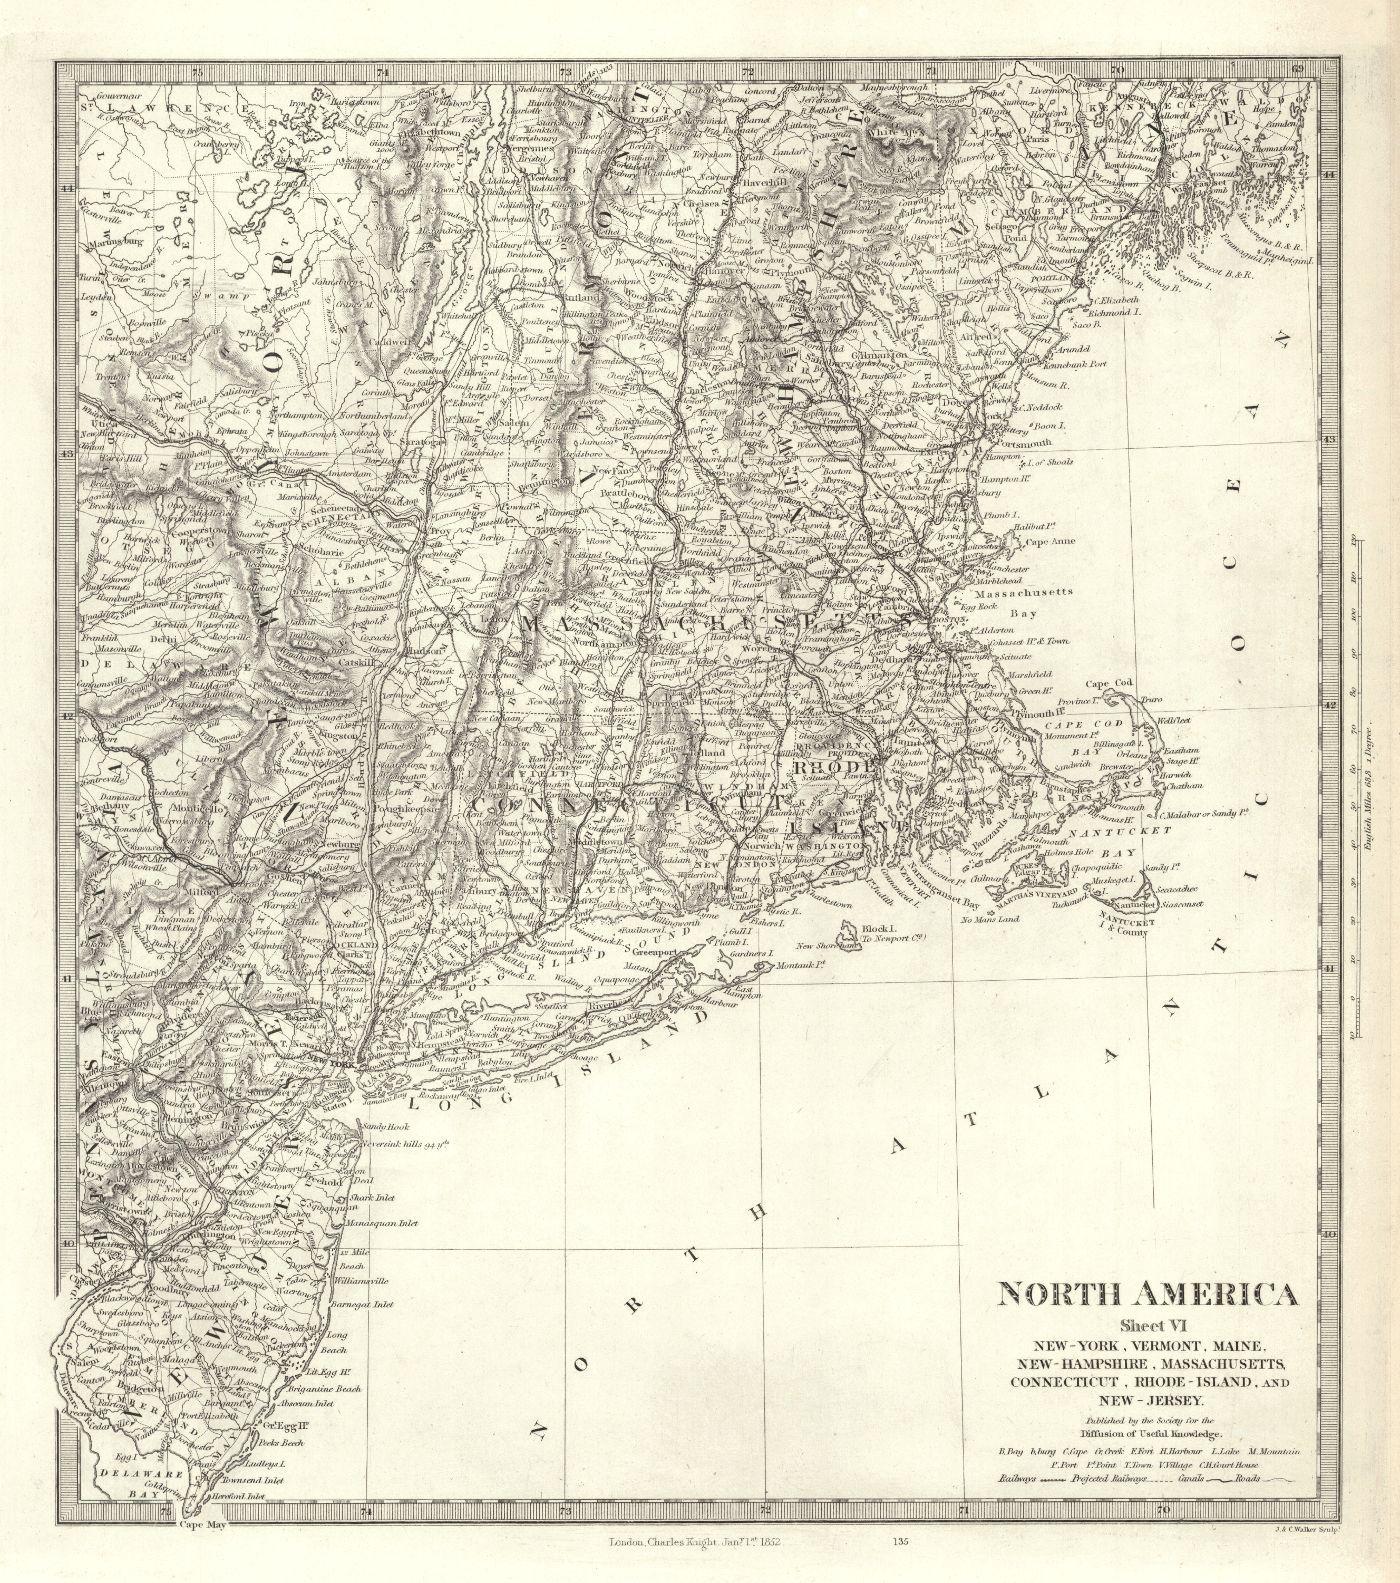 North America Sheet VI New-York, Vermont, Maine, New